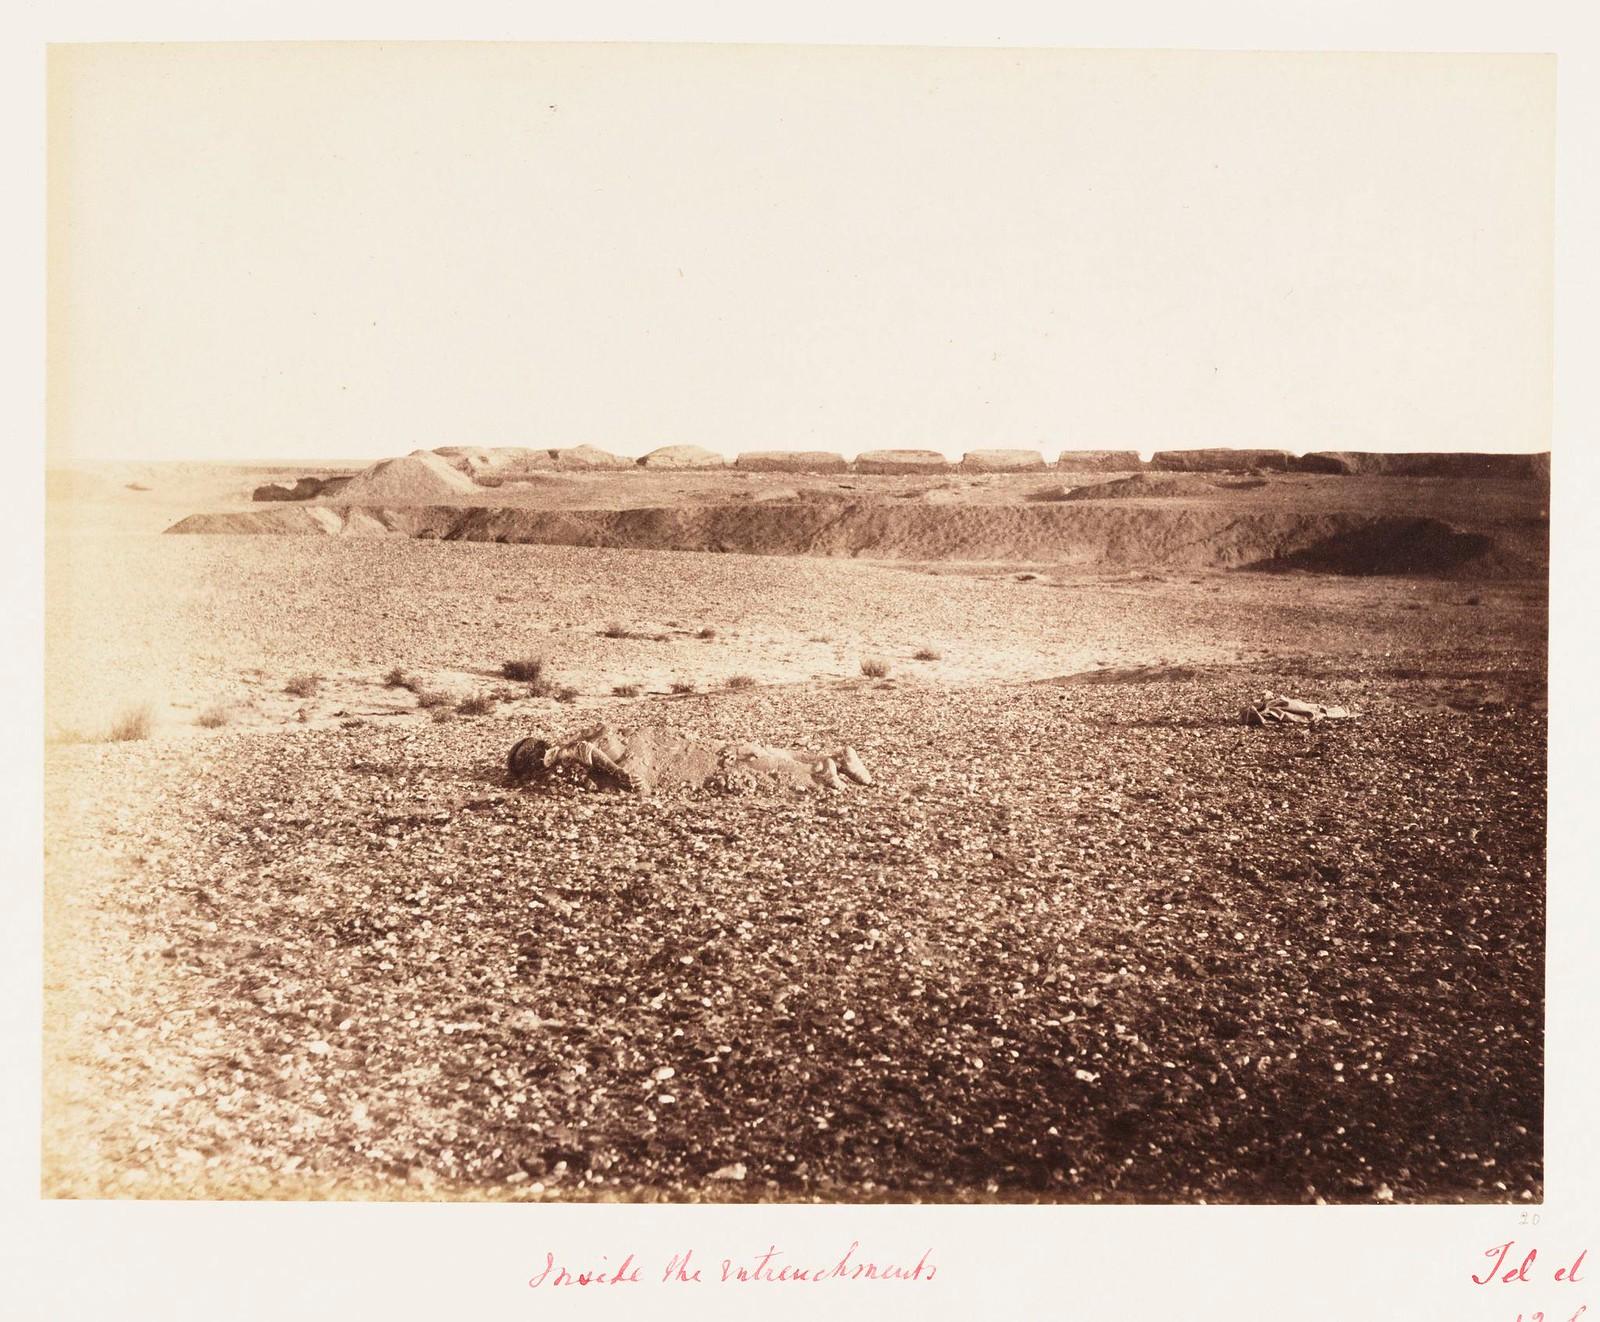 11. Египетские окопы на поле боя в окрестностях Эт-Тель-эль-Кебира. Через три месяца после битвы мертвое тело все еще ожидает захоронения